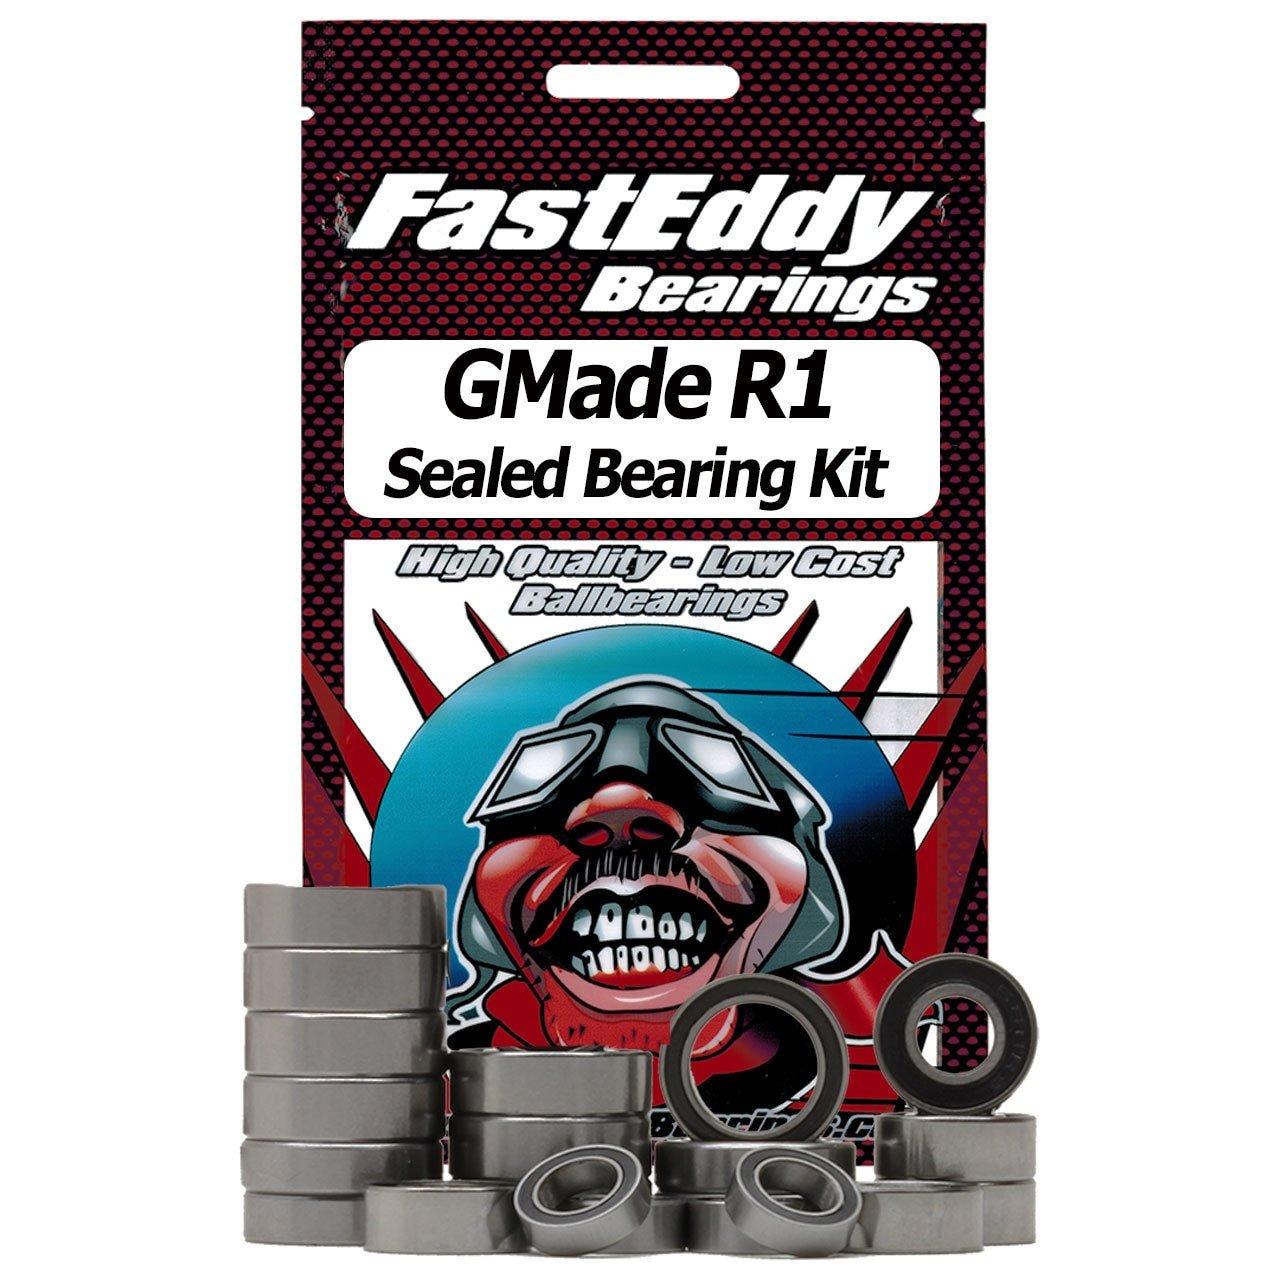 GMade R1 Rubber Sealed Bearing Kit